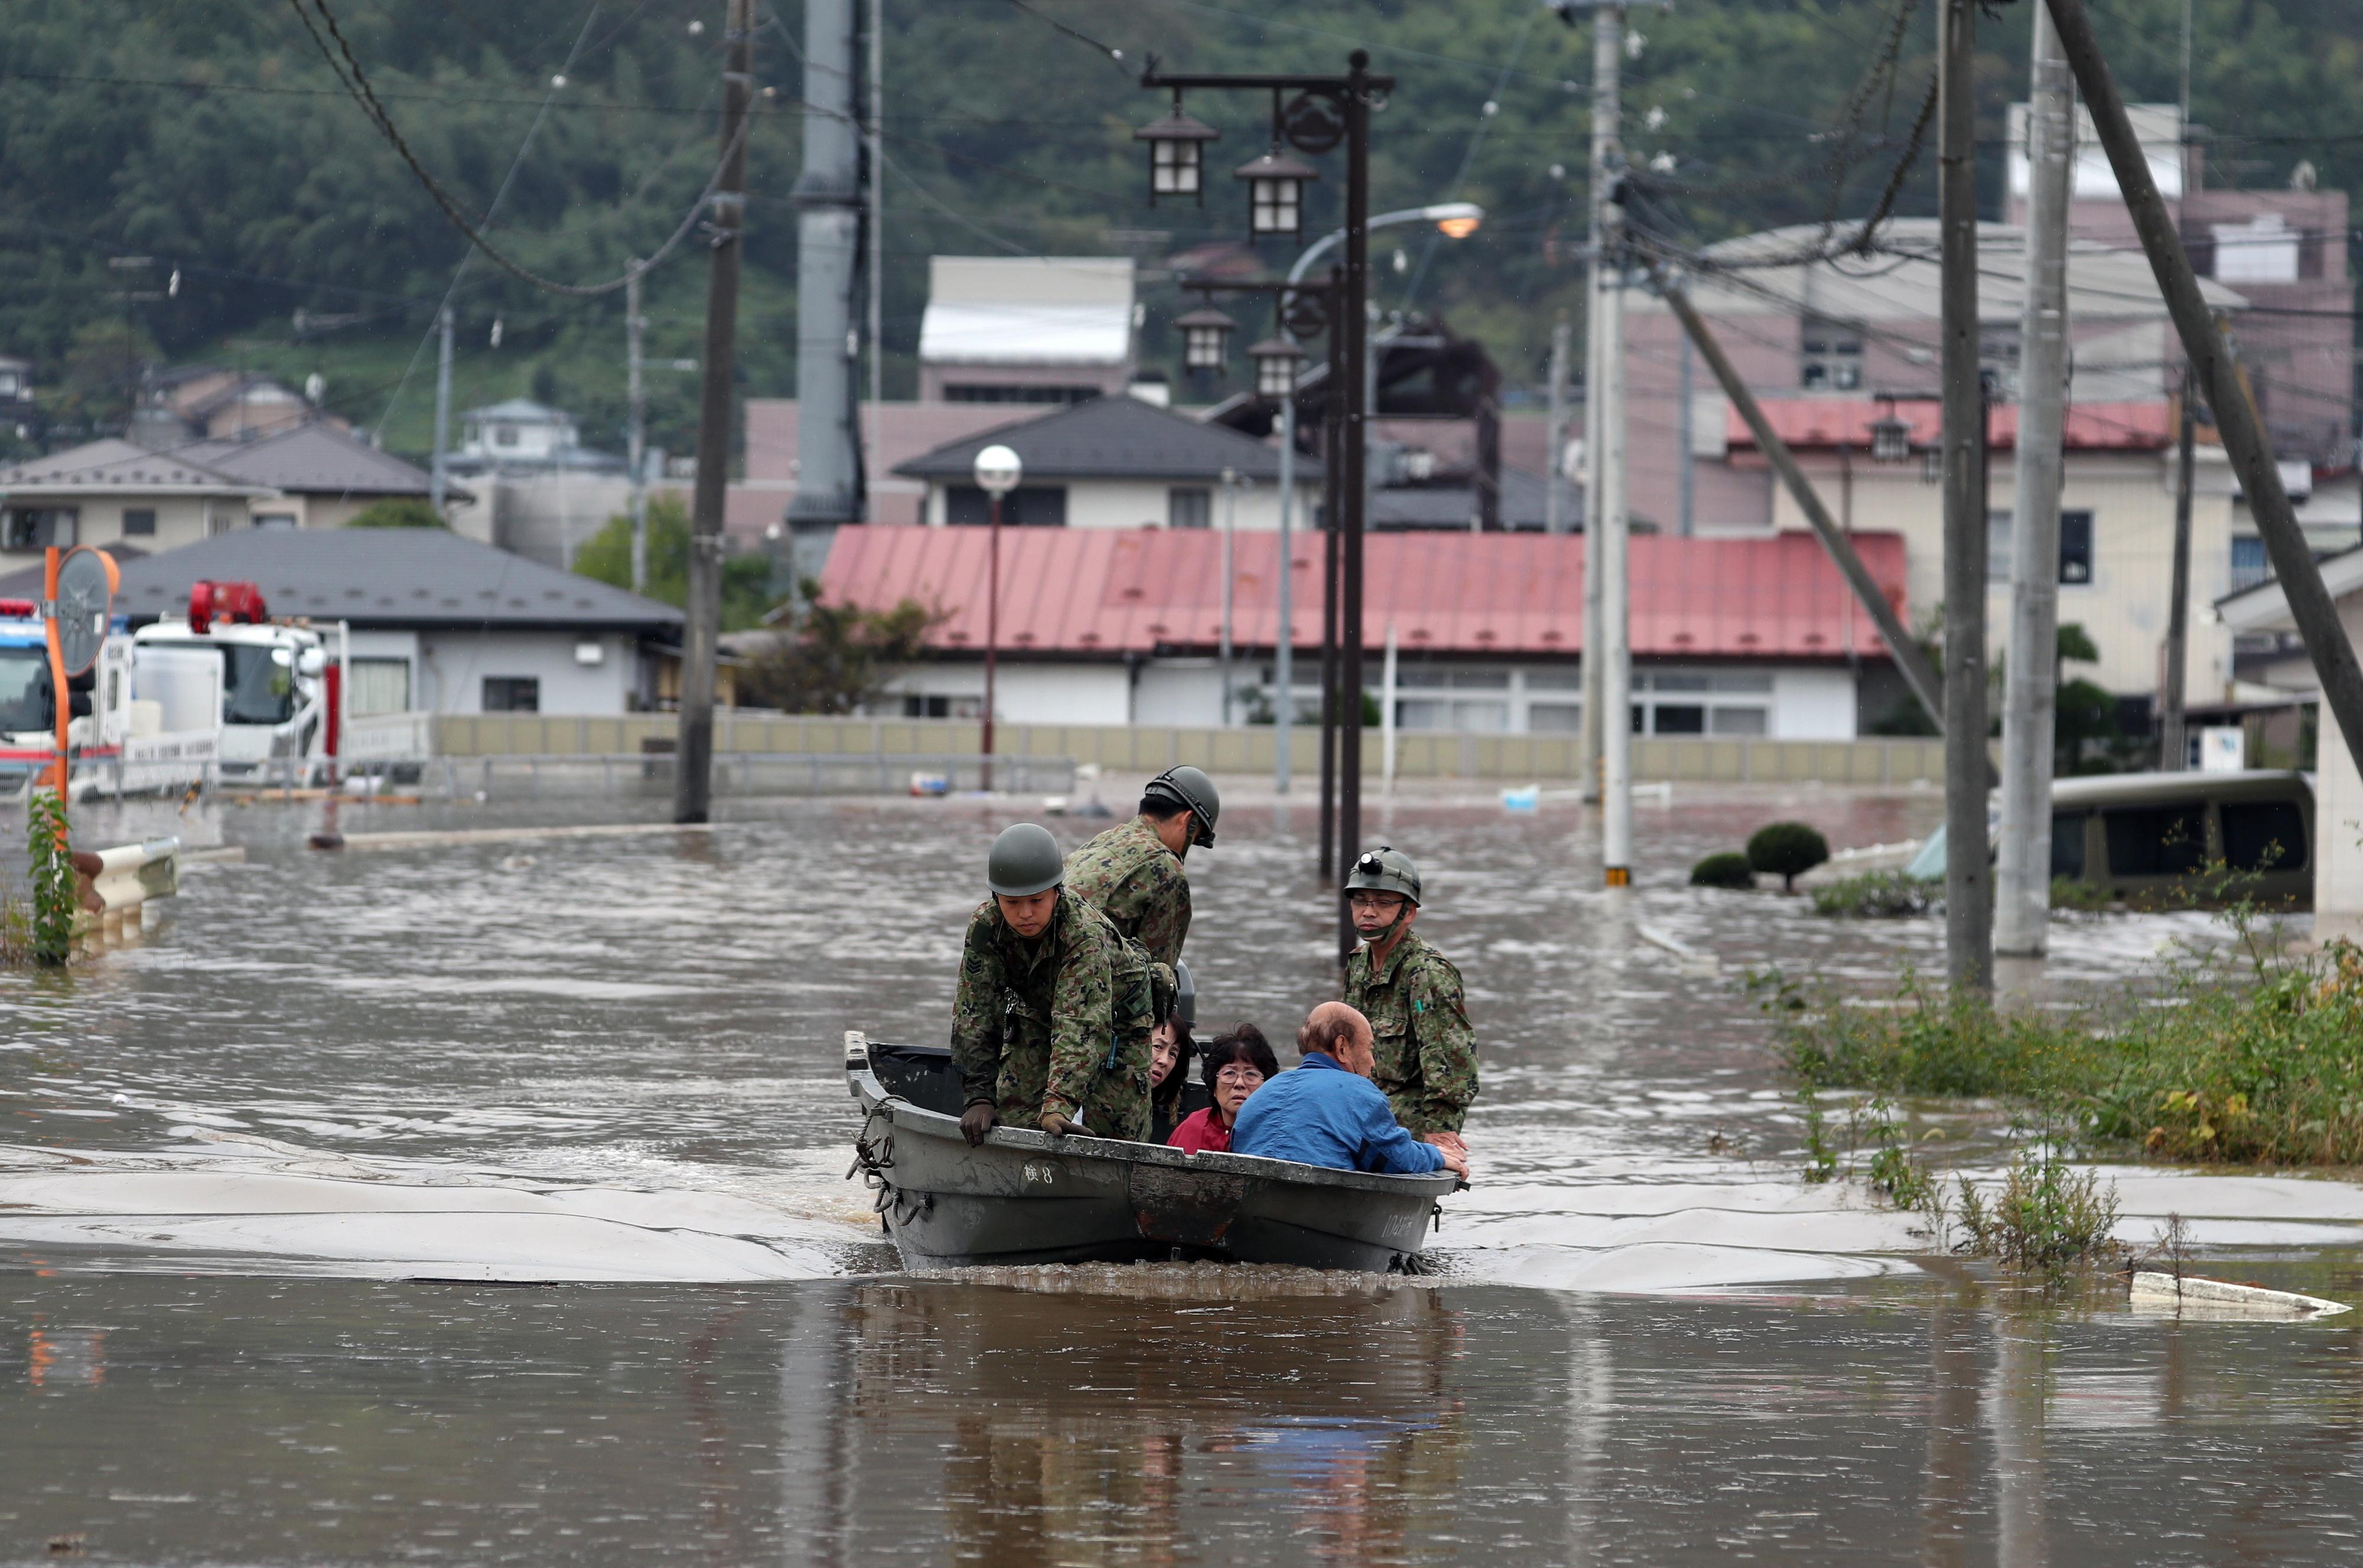 Pelo menos 42 mortos no Japão na sequência do tufão Hagibis - emissora pública